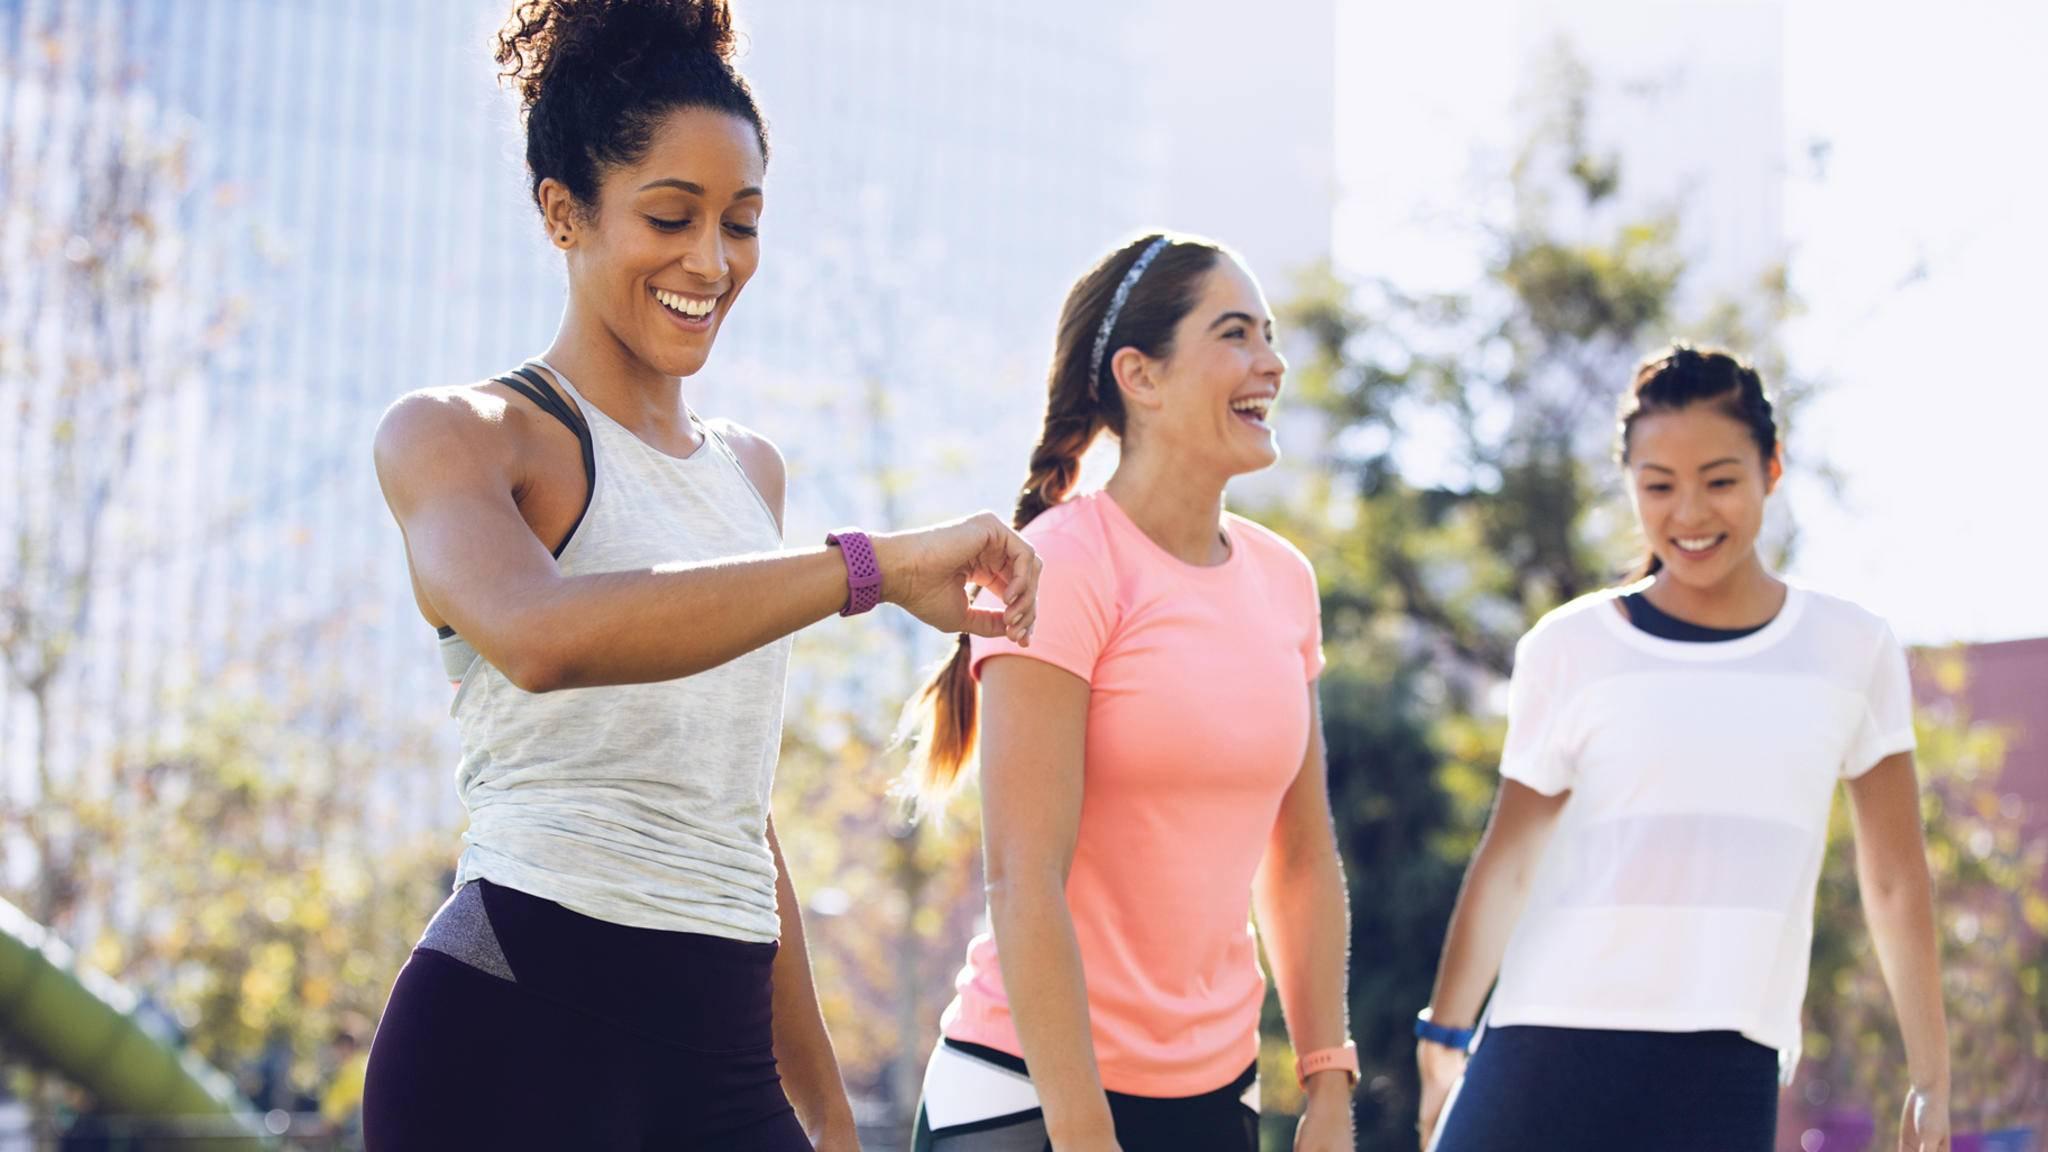 Fit dank Wearables wie der Fitbit Charge 3 – dieser Trend setzt sich auch 2019 fort.